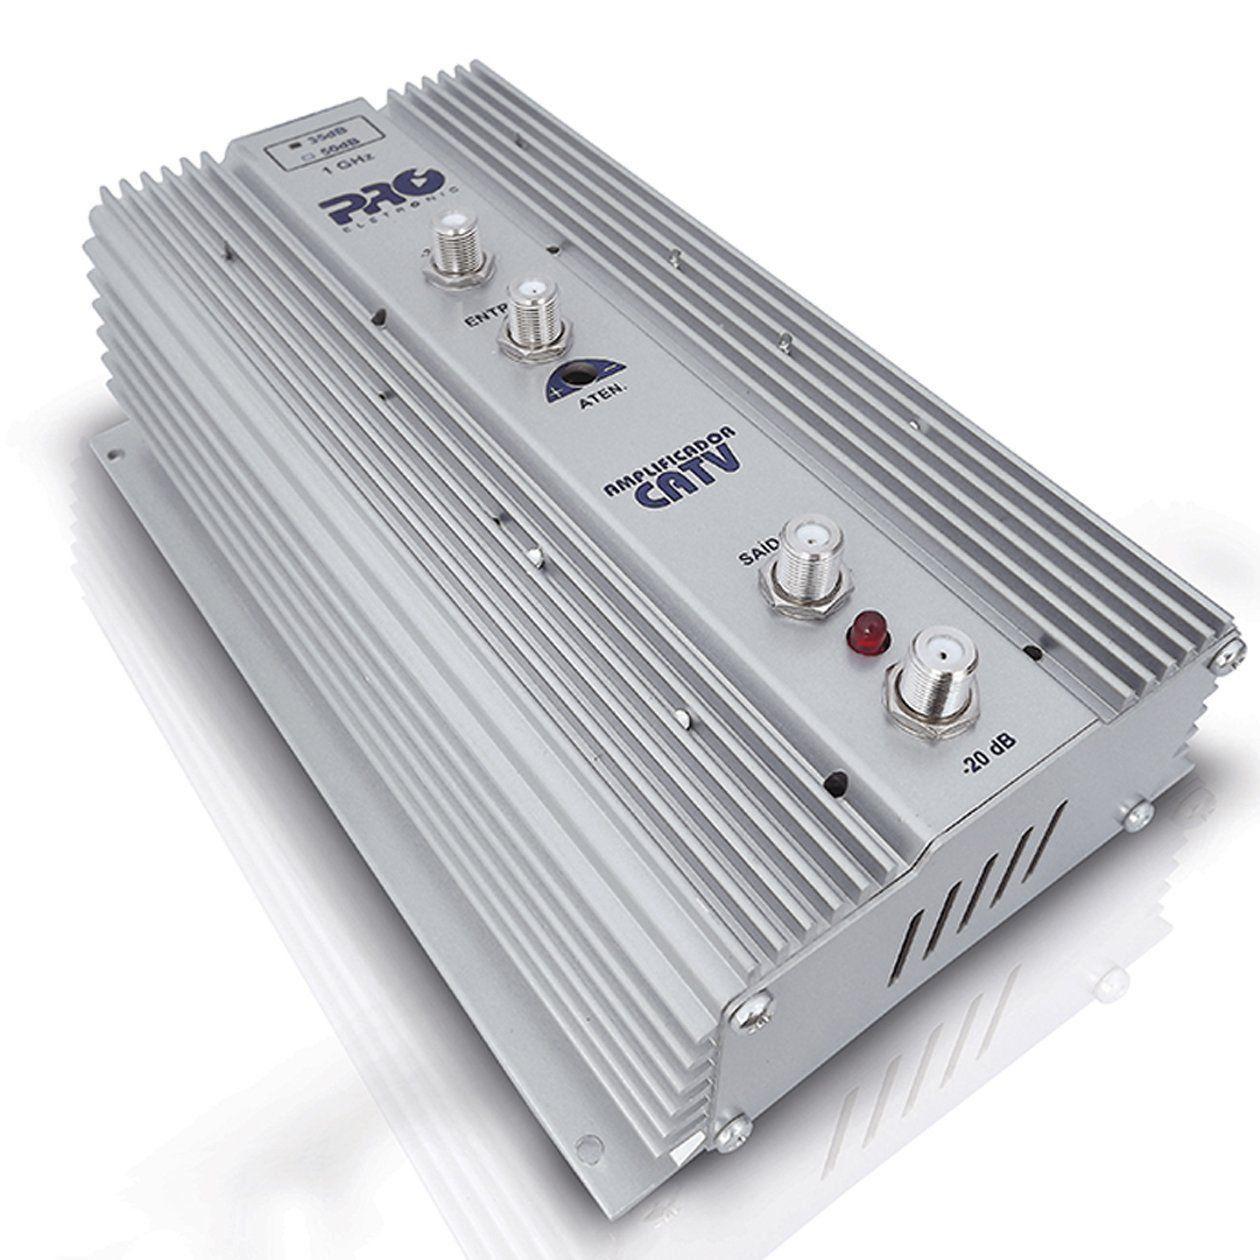 Amplificador de Potência Uhf Vhf Catv 35dB PQAP-6350  - EMPORIO K